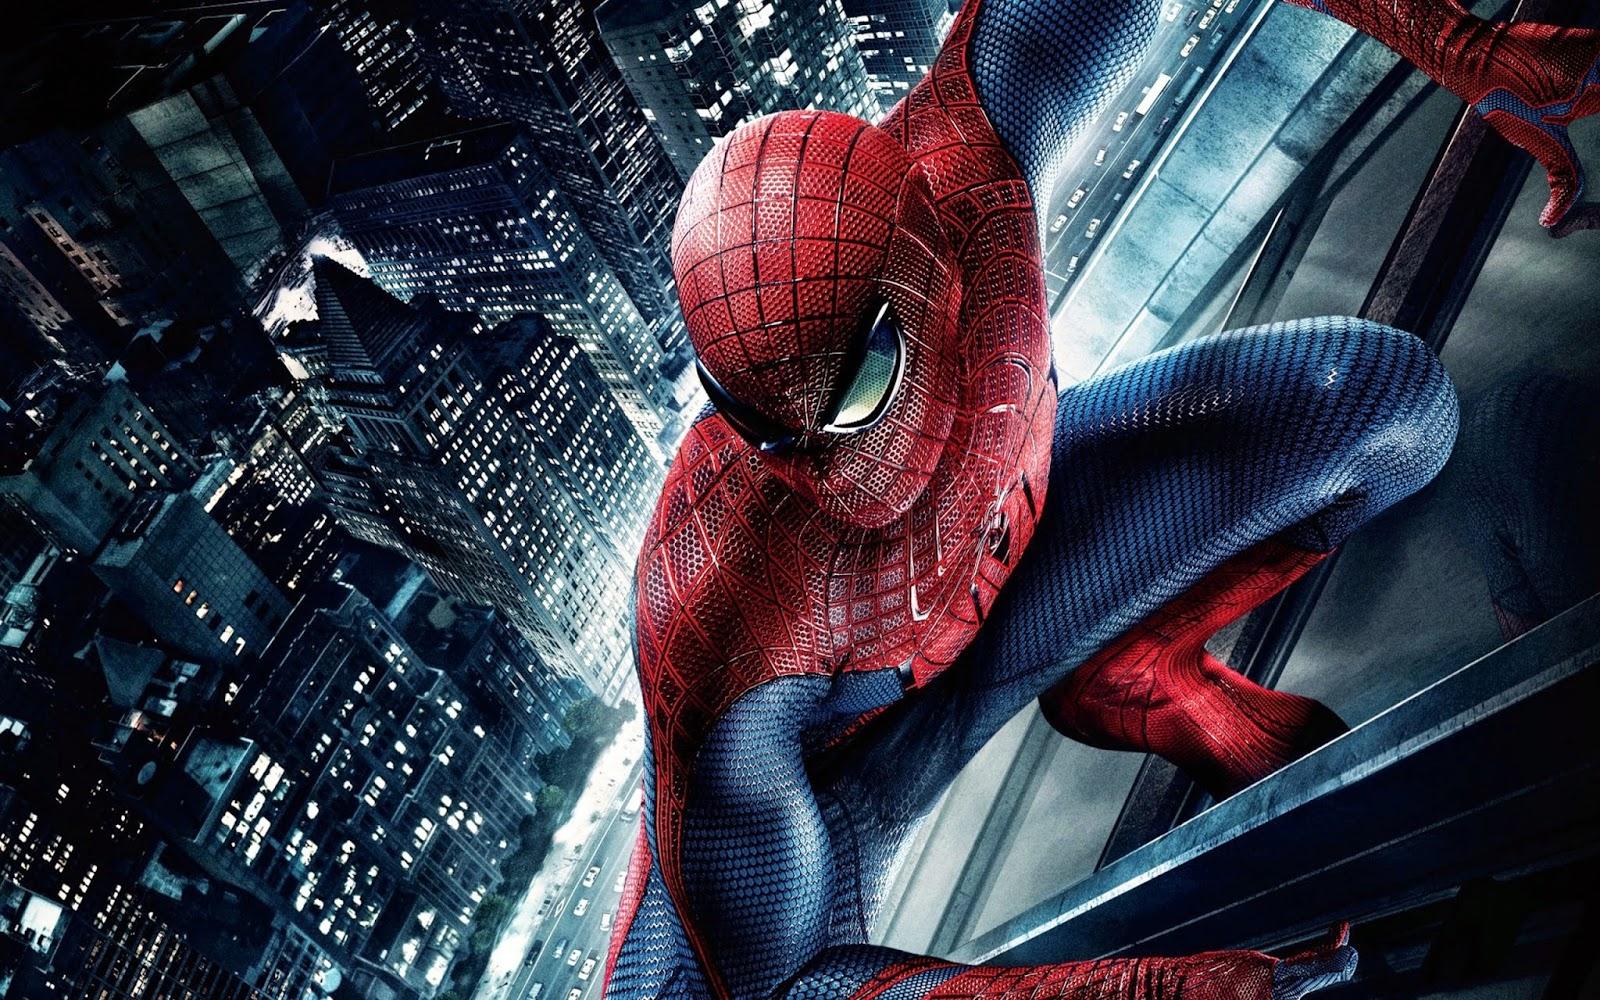 gambar spiderman 3 - photo #1